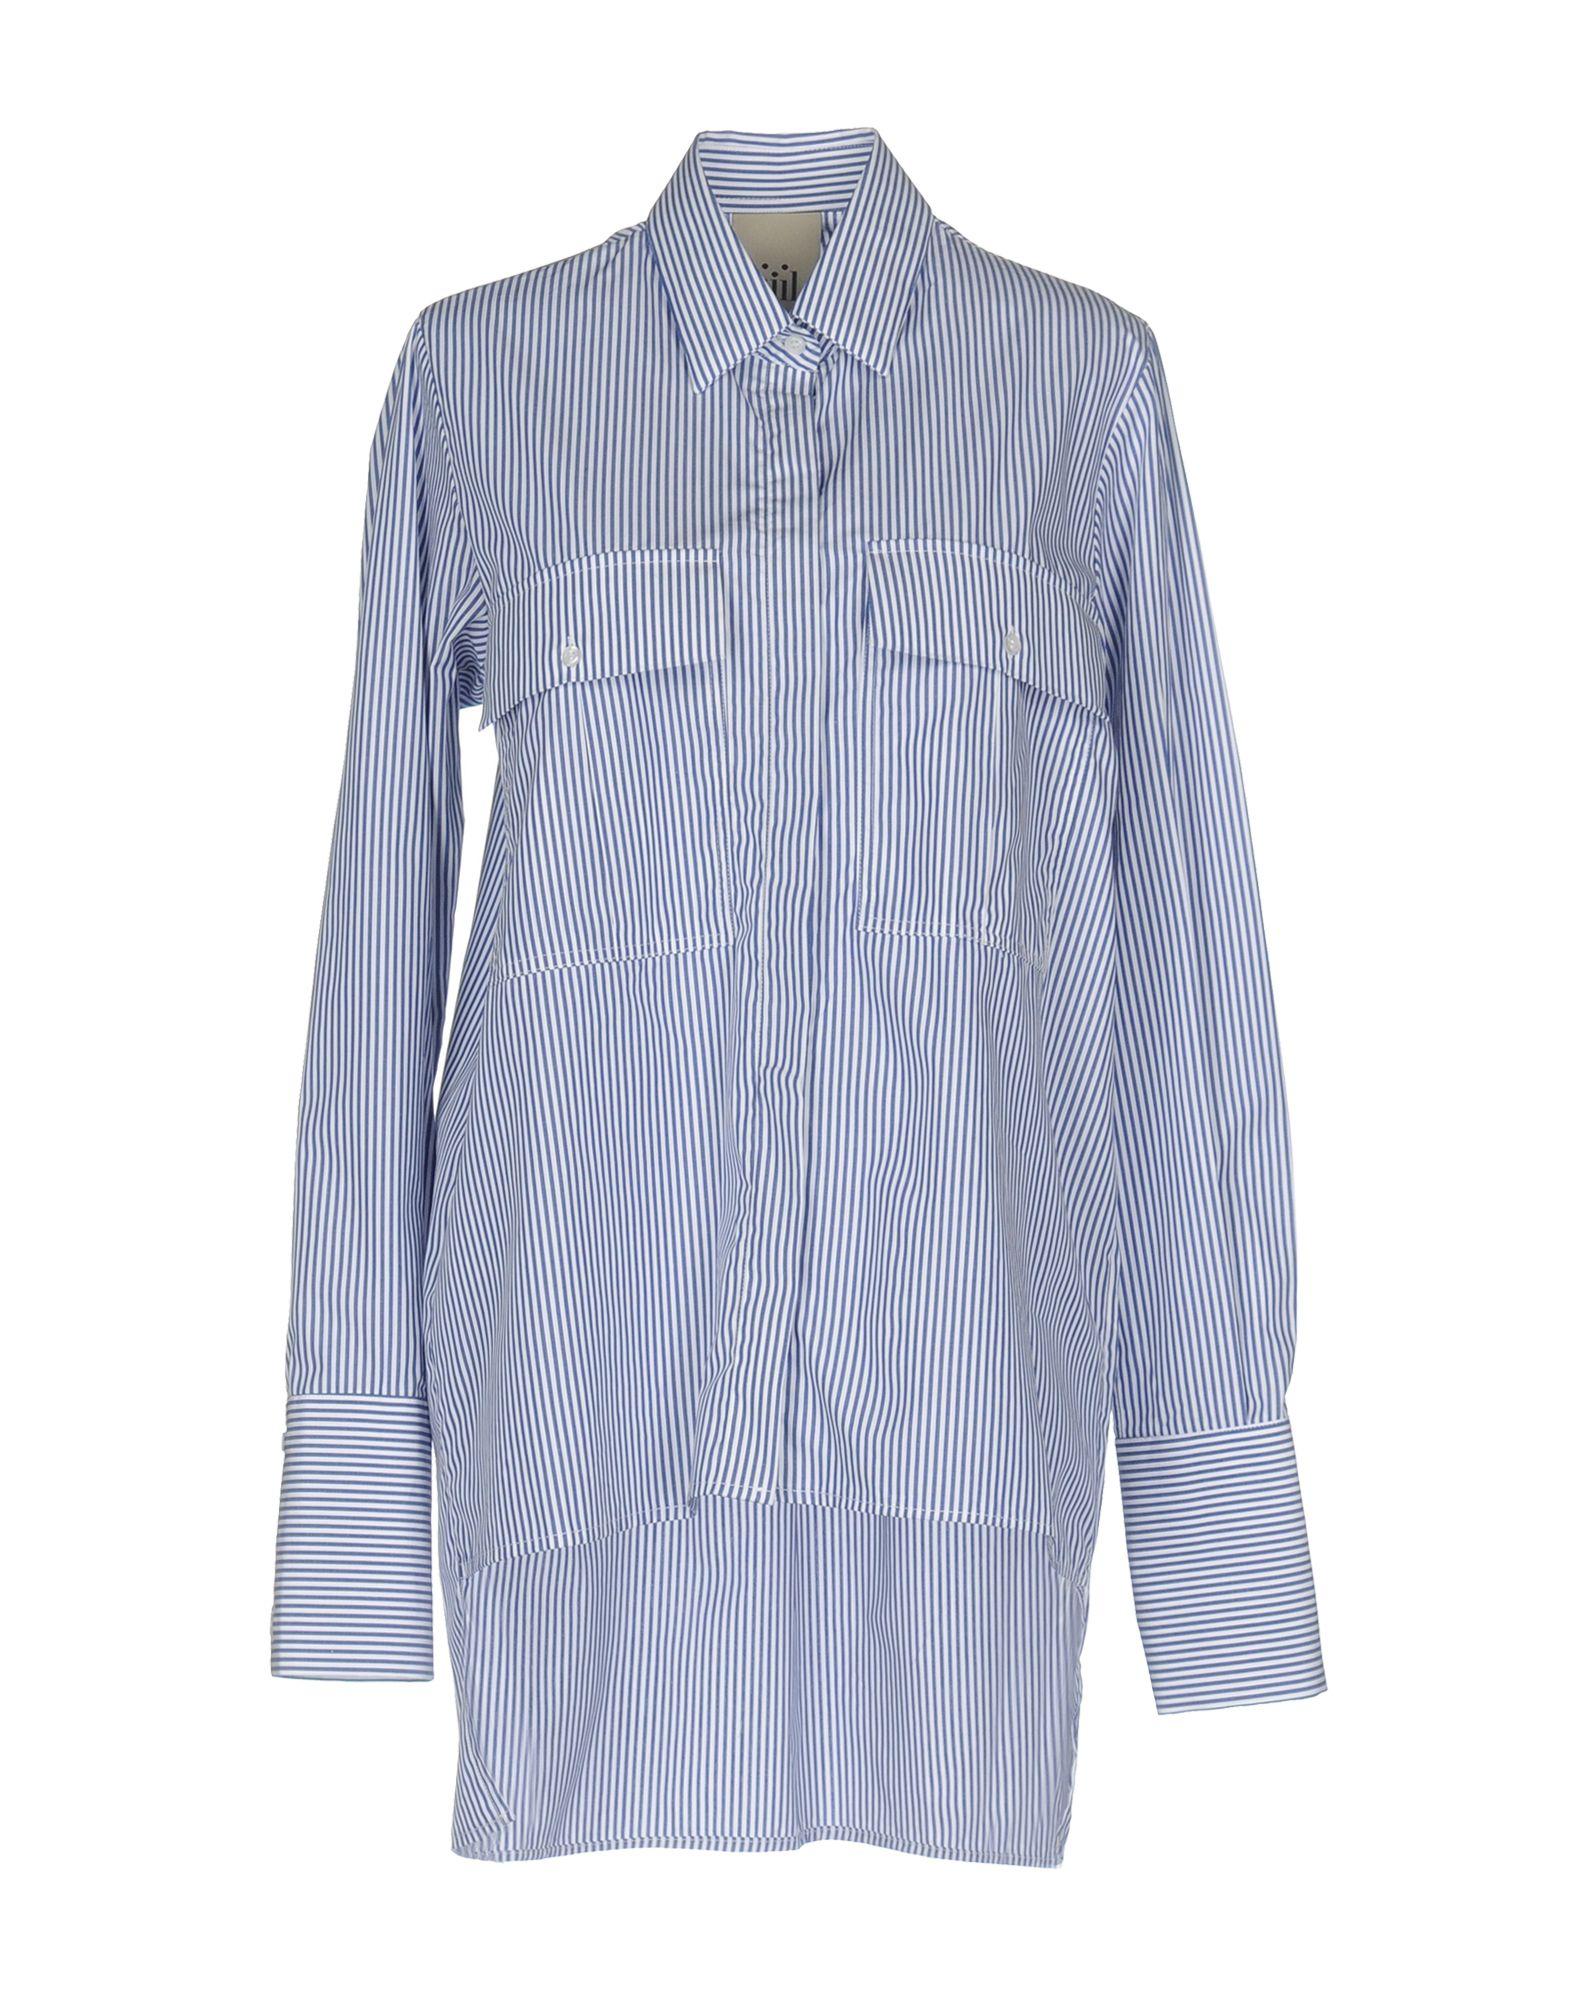 JIJIL Damen Hemd Farbe Blau Größe 6 - broschei